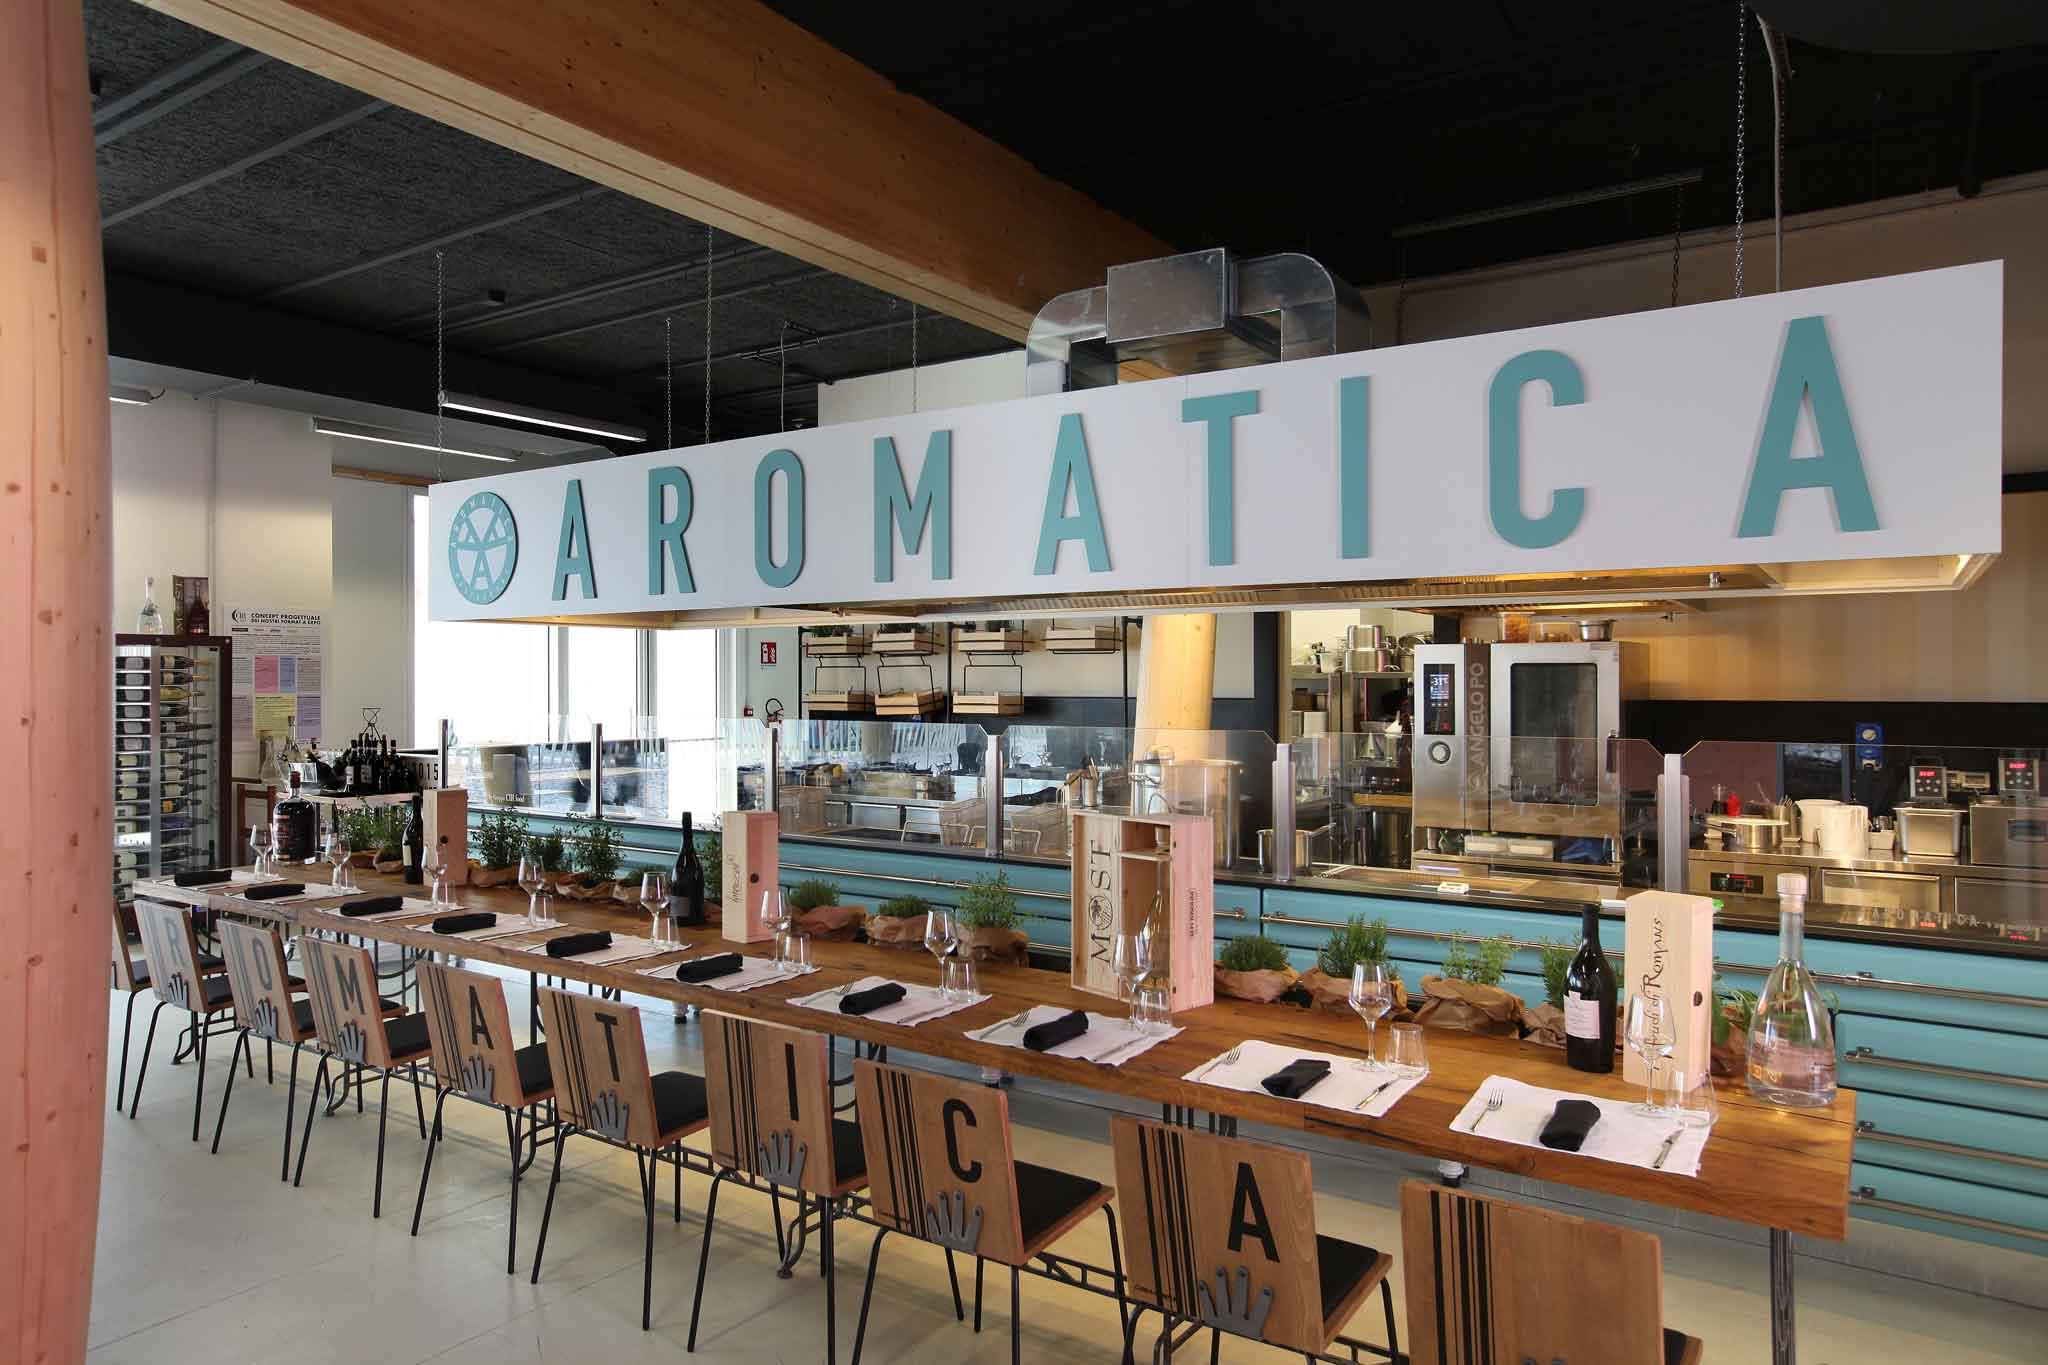 Aromatica Scalo Milano